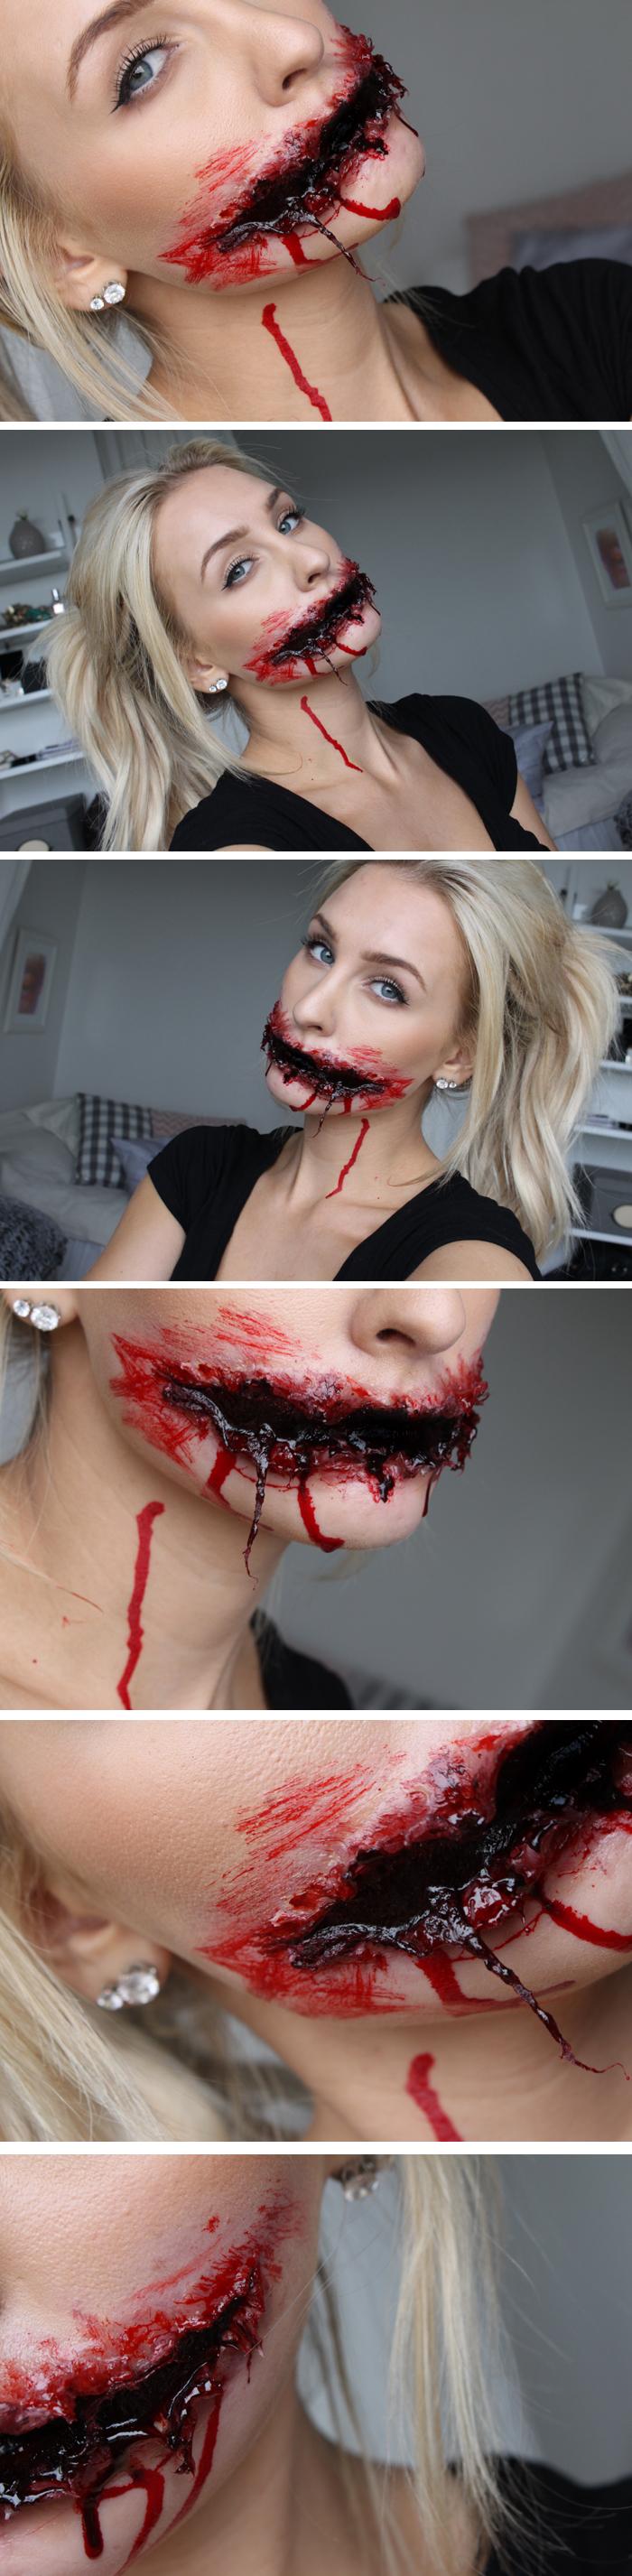 Dagens makeup – Death to duckface (VARNING FÖR BLOD!!) | Helen Torsgården – Hiilens sminkblogg